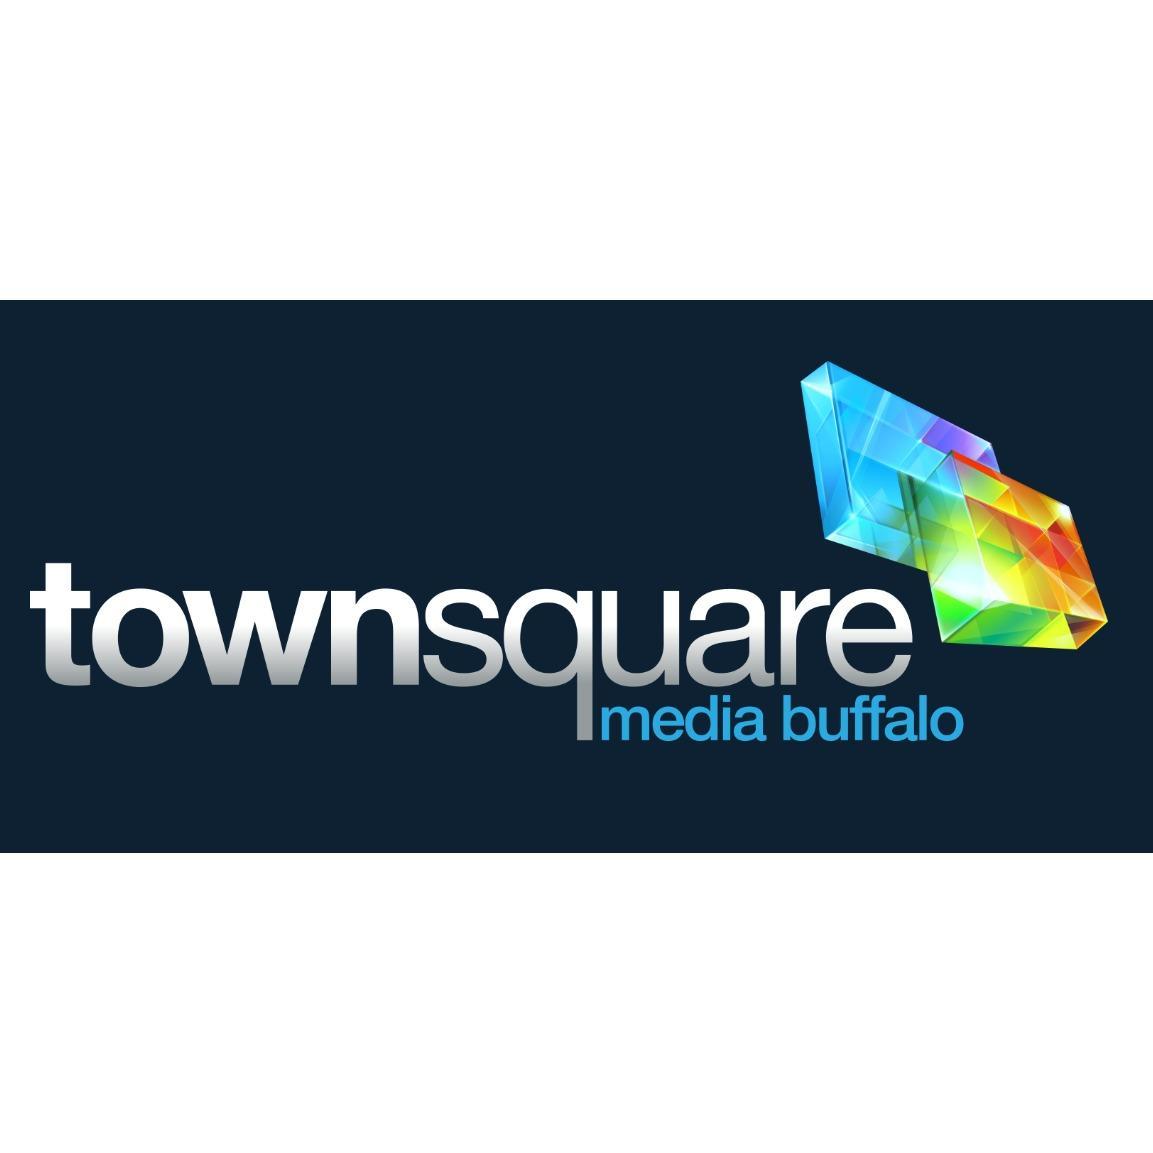 Townsquare Media Buffalo